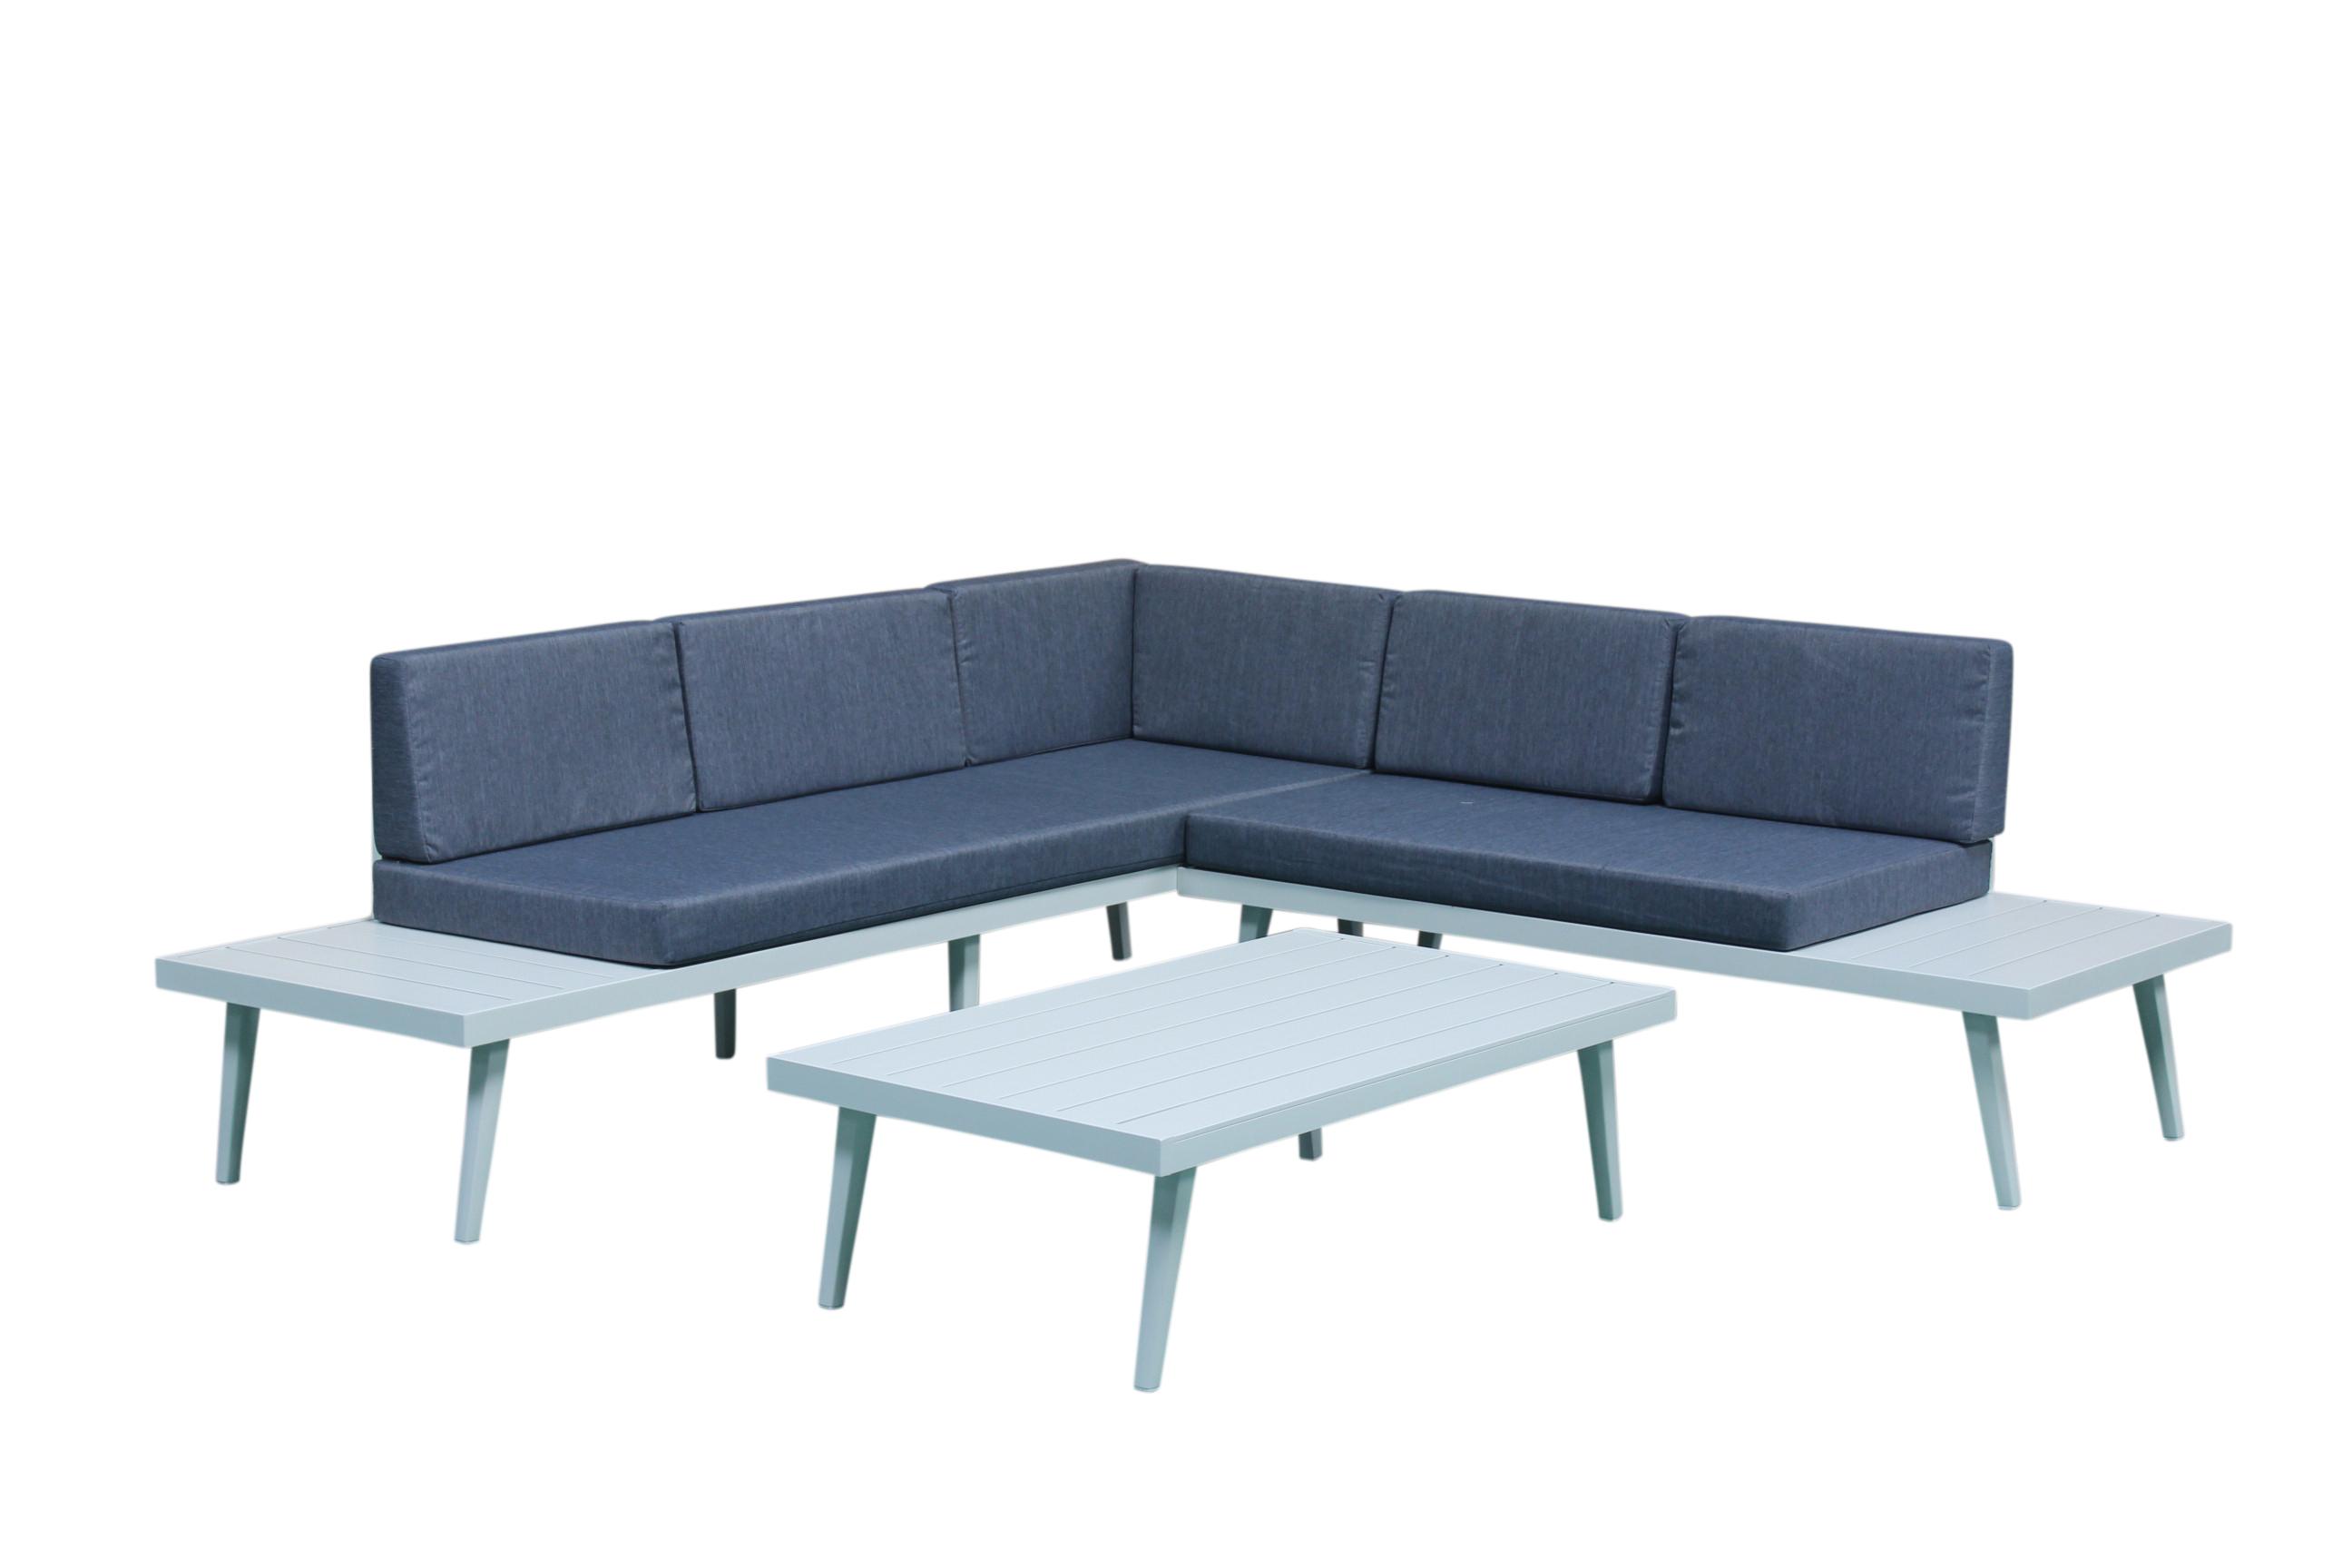 Salon de Jardin SMART 3 pièces en aluminium blanc gris et coussins tissu  couleur jean